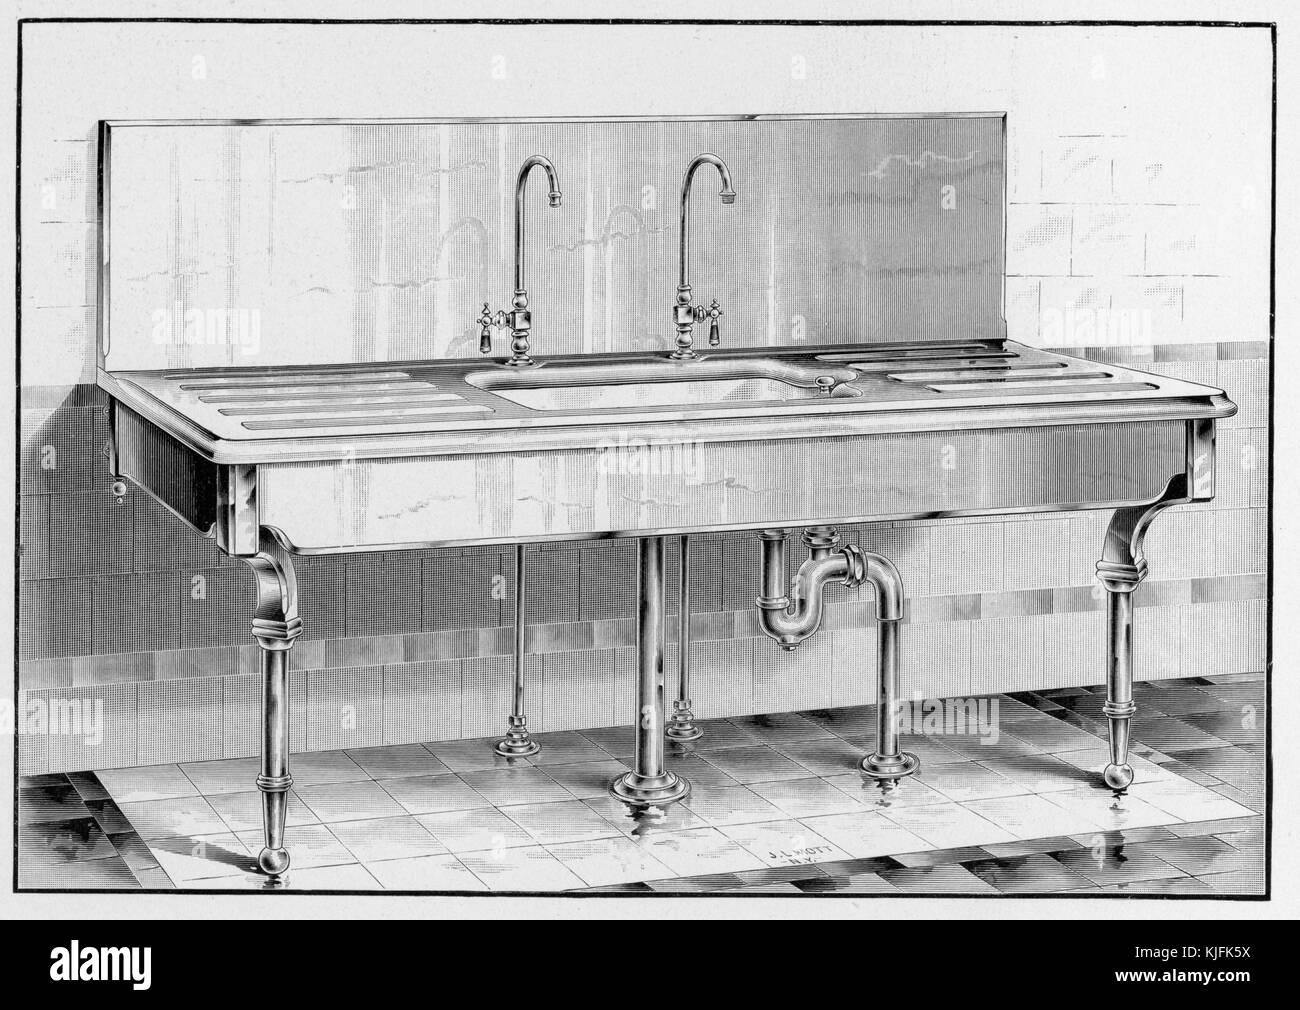 Una illustrazione di un jl mott iron works catalogo con un ampio lavabo, il lavandino singolo lavello dotato di Immagini Stock